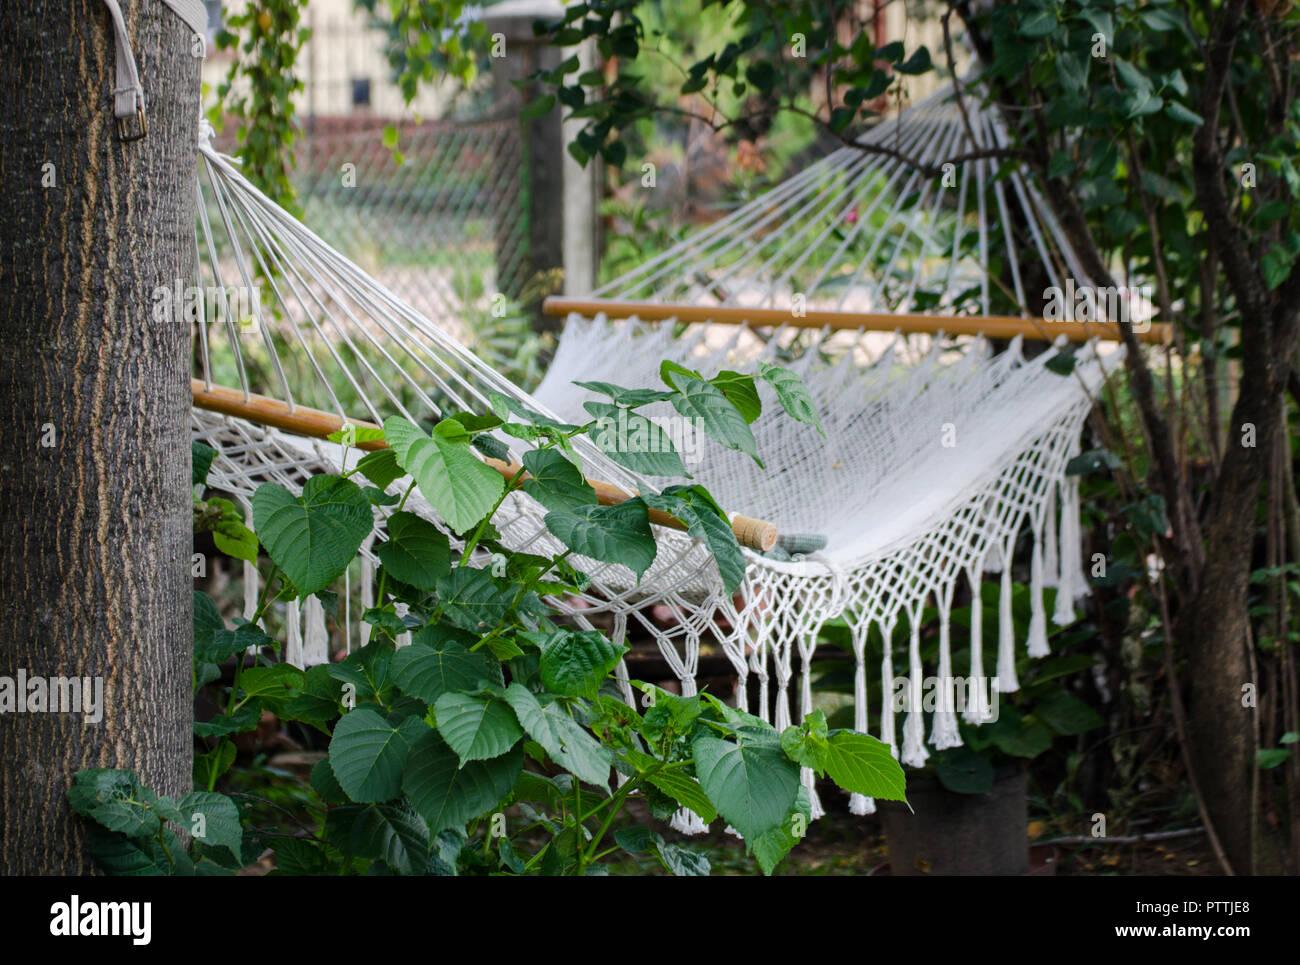 Amaca in giardino coperto con foglie verdi in Europa Foto Stock